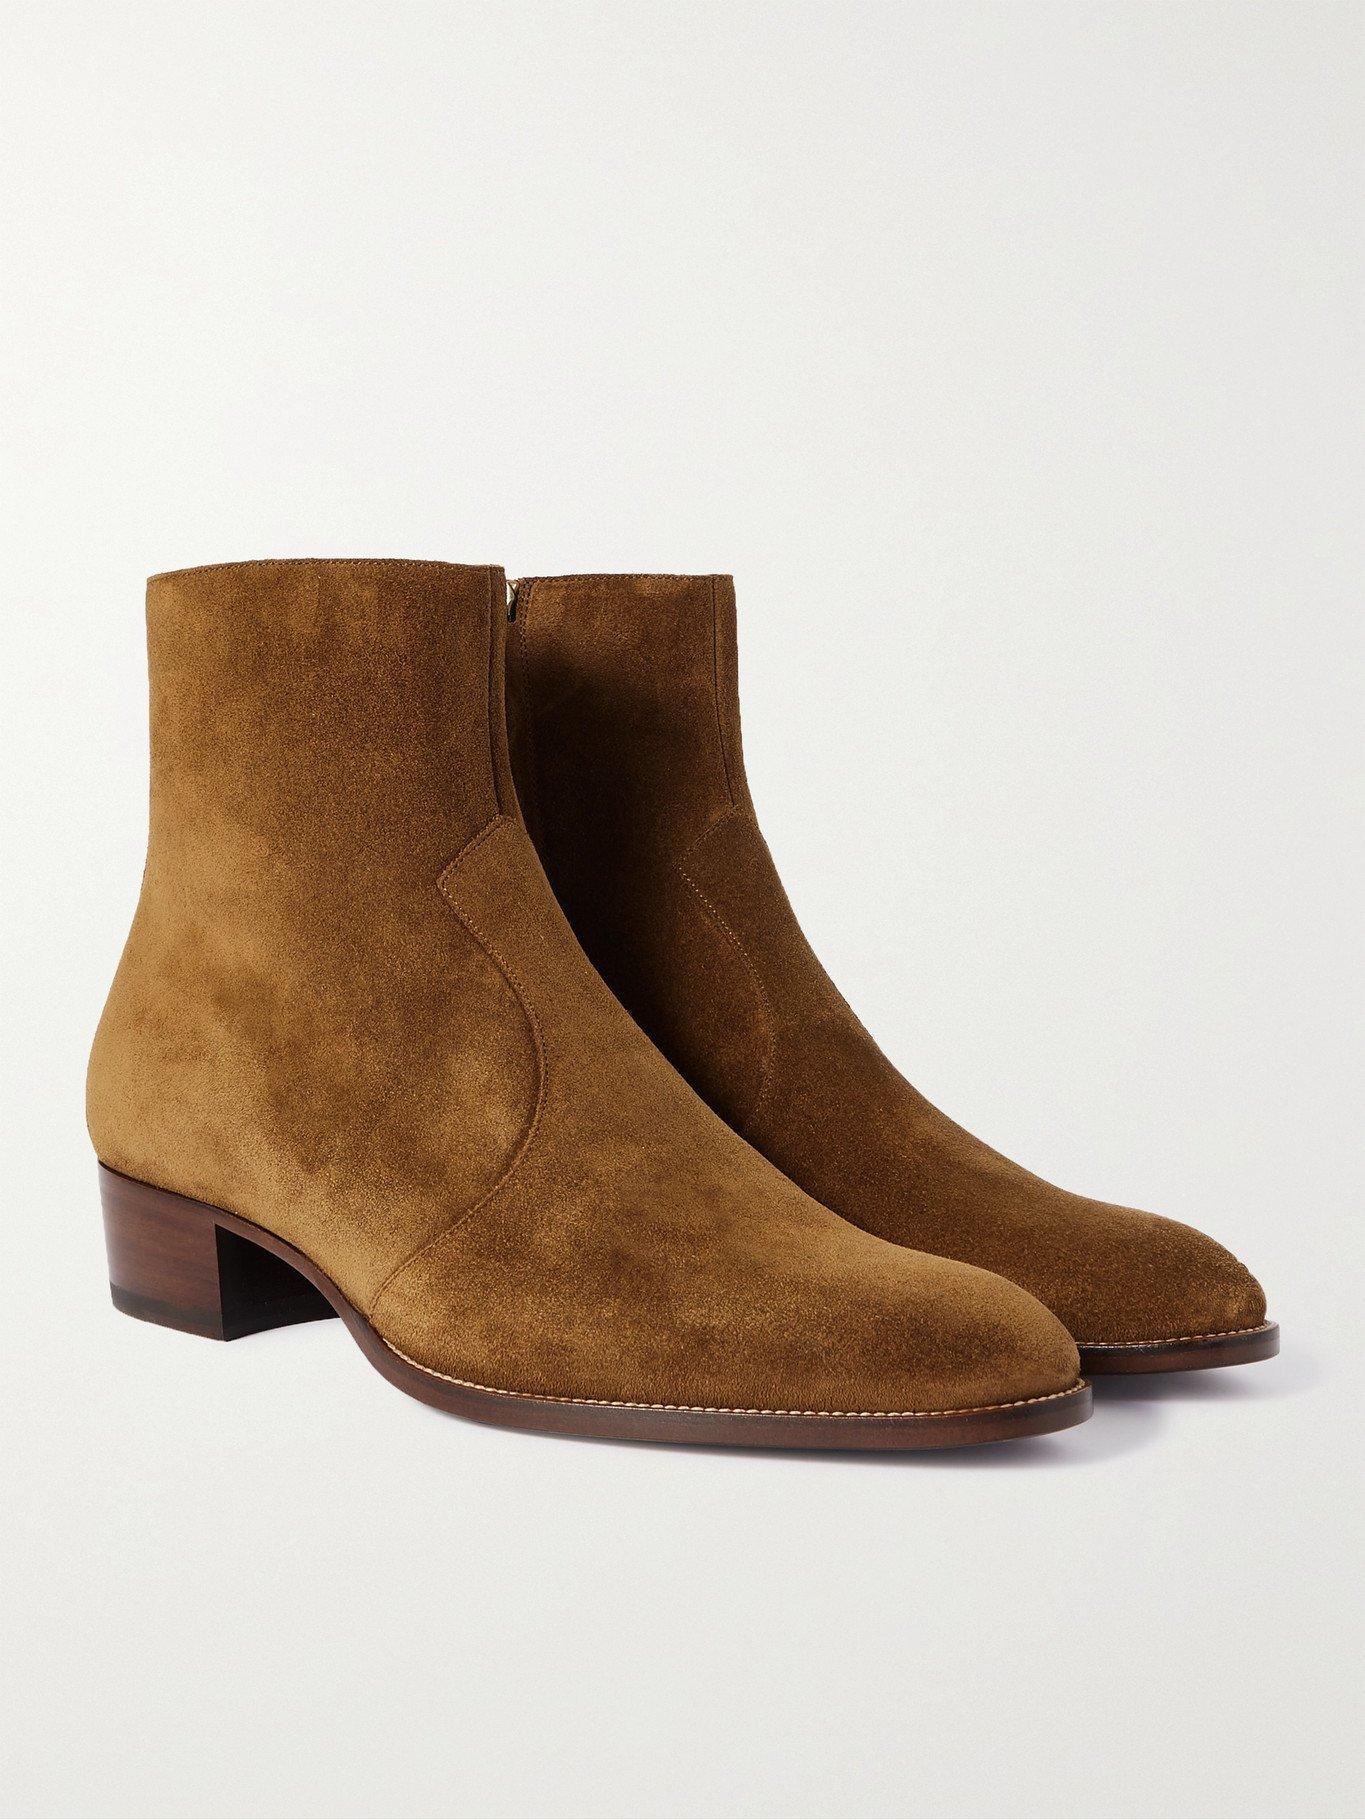 Photo: SAINT LAURENT - Wyatt Suede Chelsea Boots - Brown